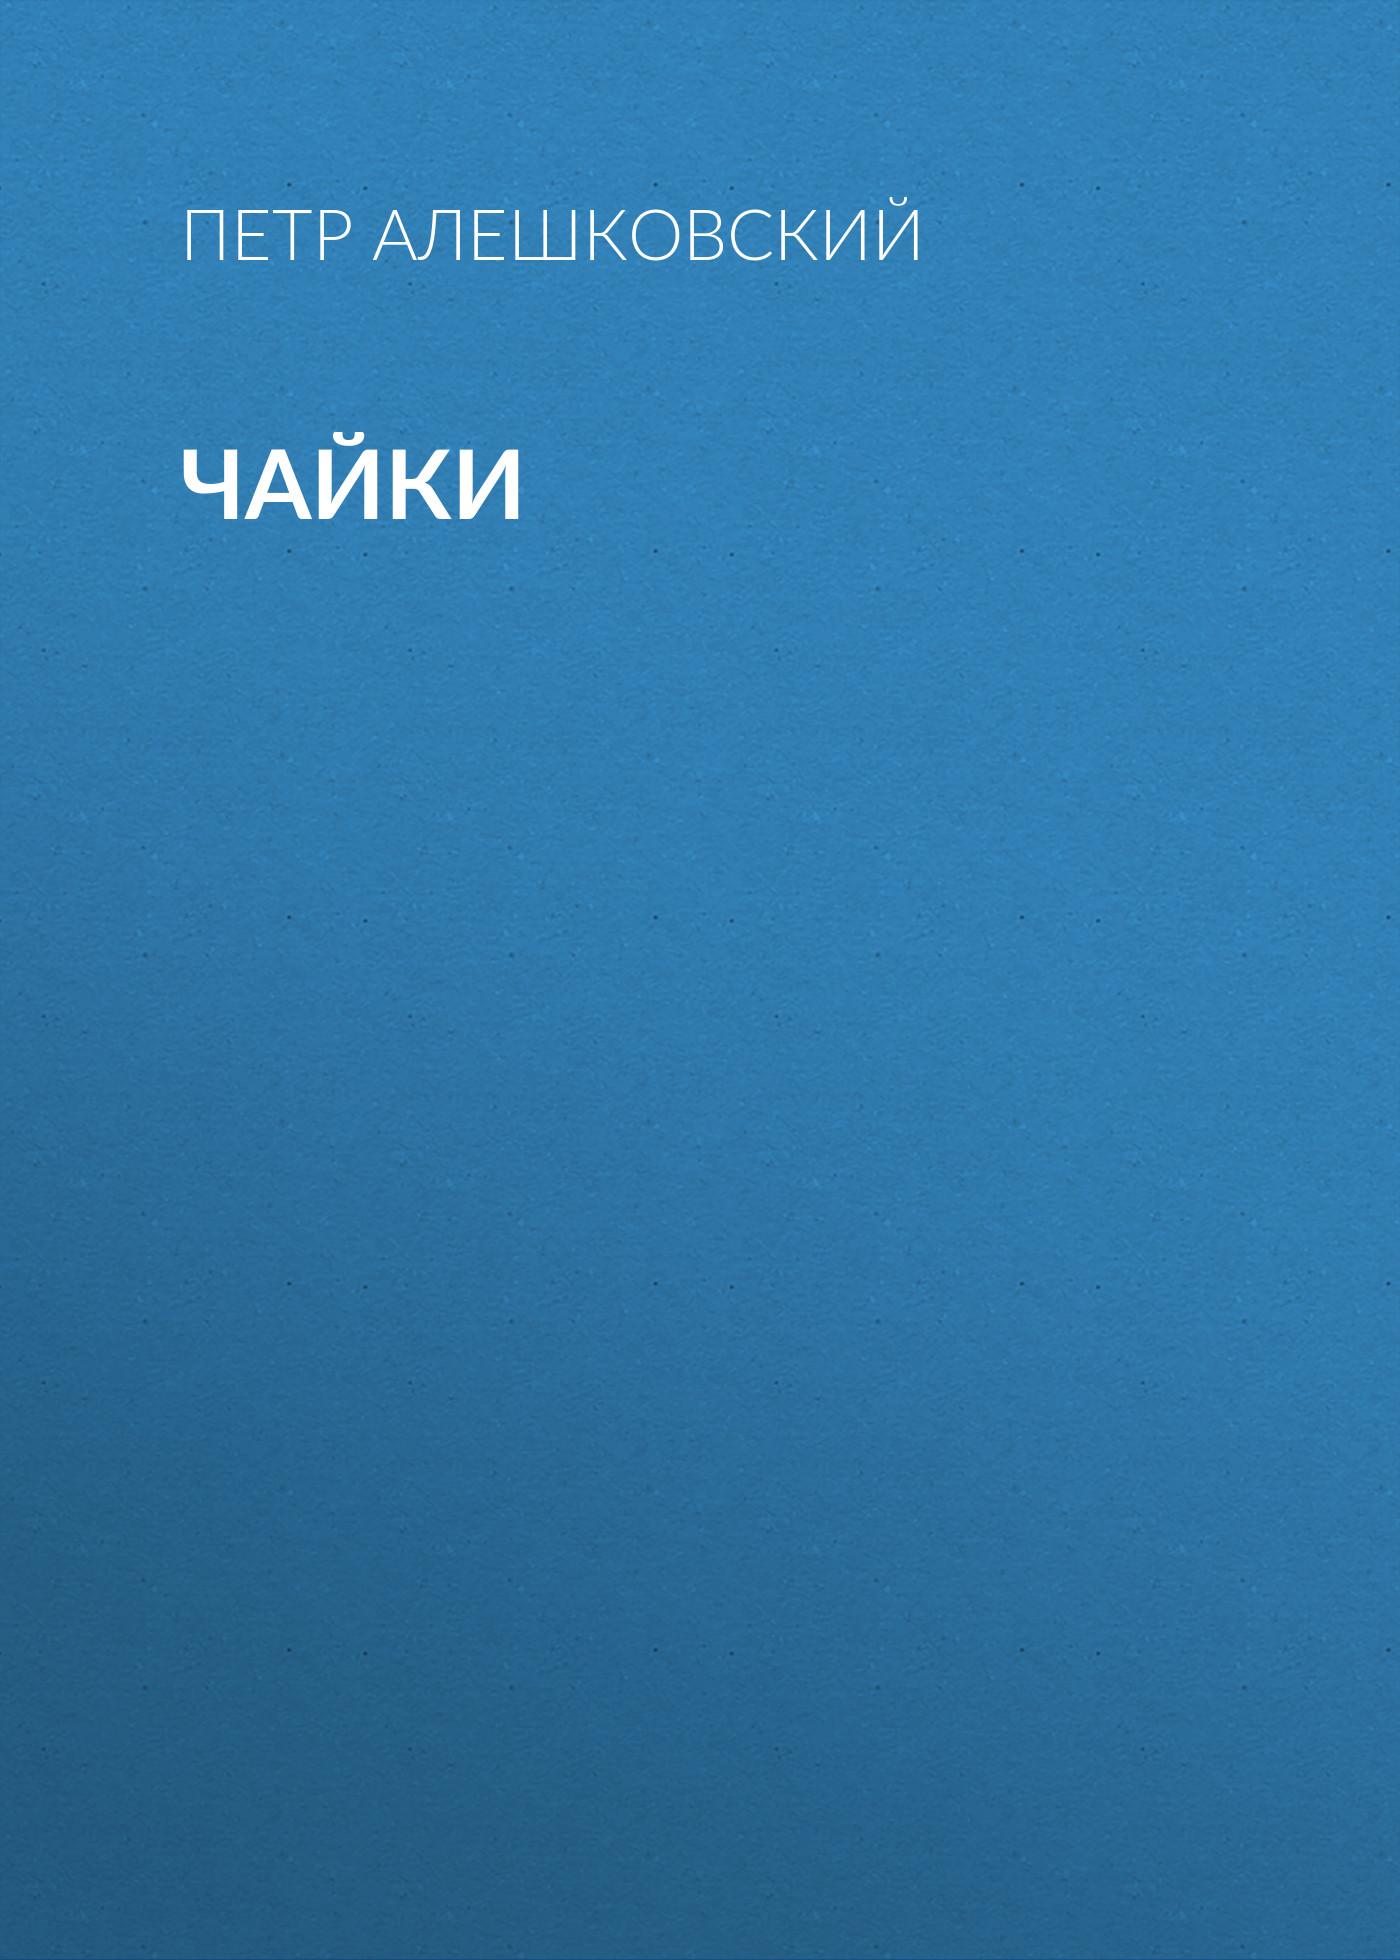 Петр Алешковский Чайки петр алешковский kala ühe rände lugu